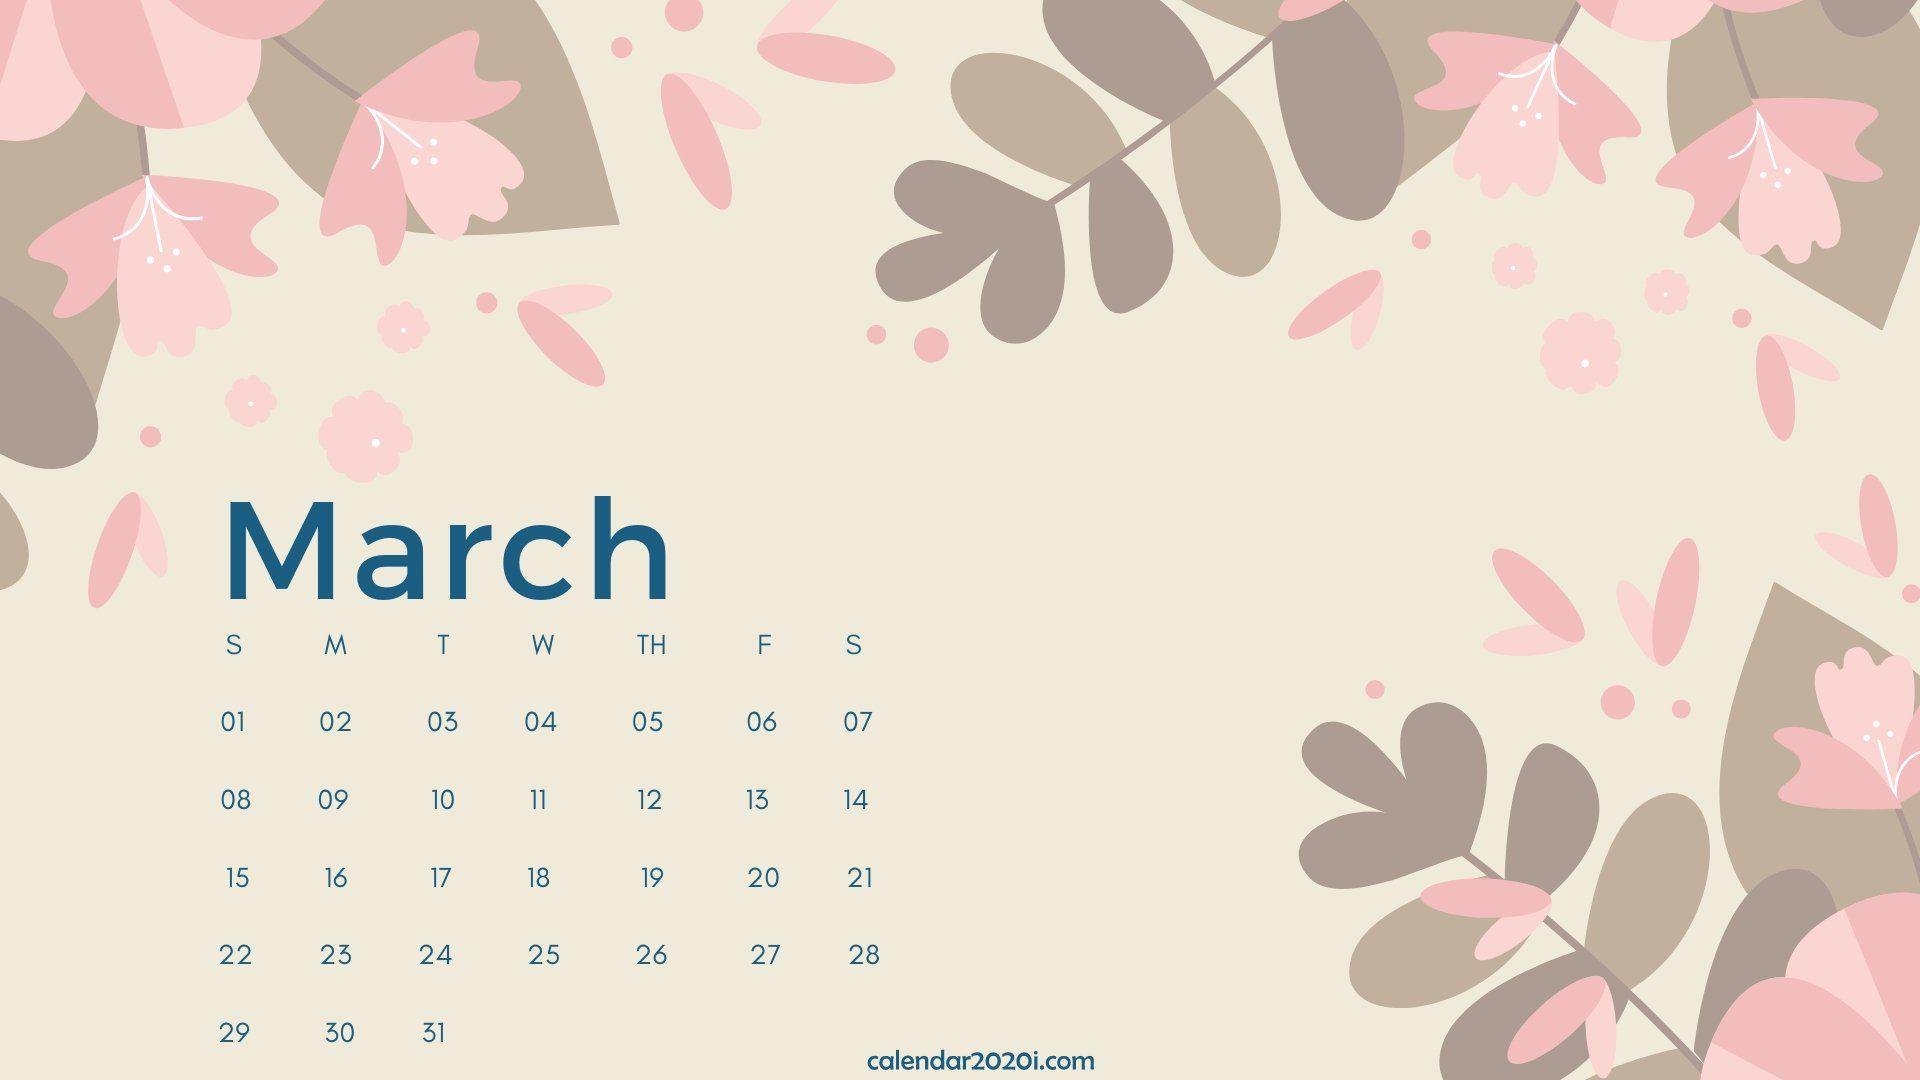 March 2020 Calendar Desktop Wallpaper Calendar wallpaper 1920x1080